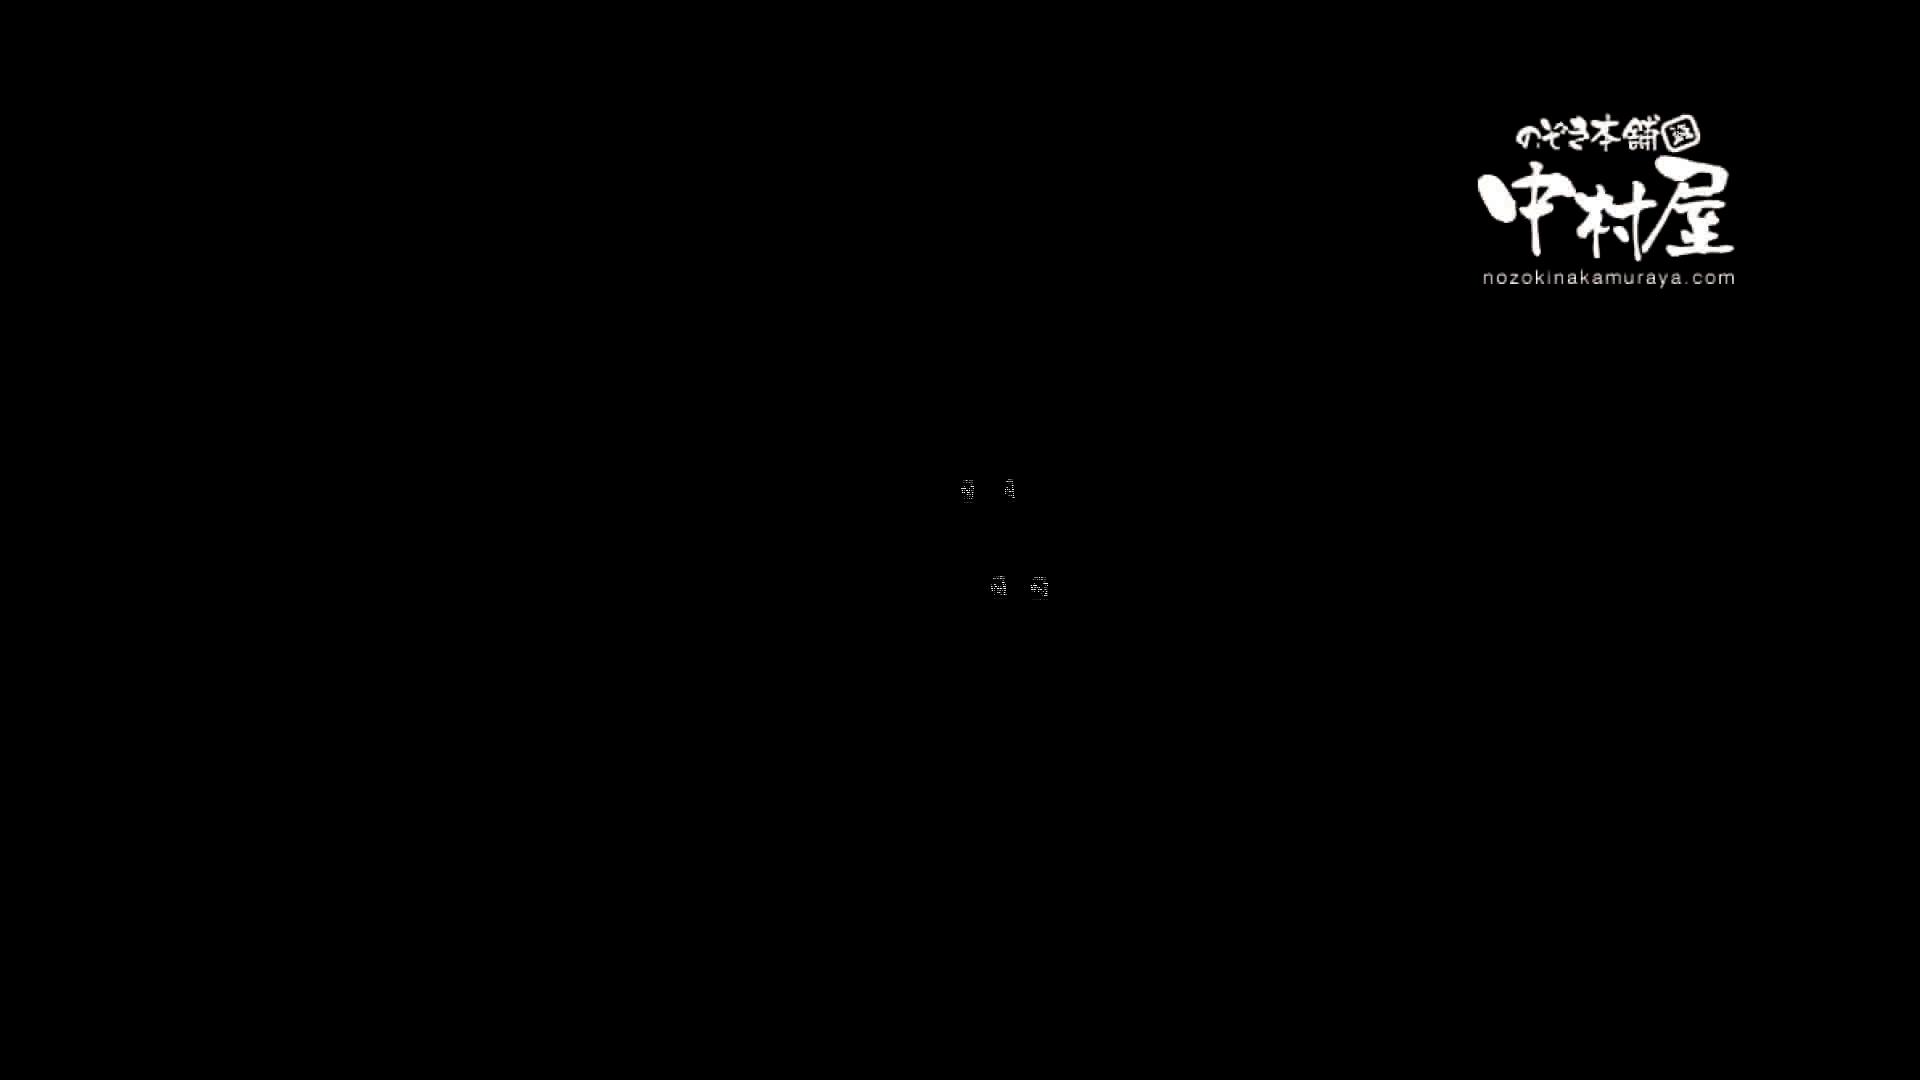 鬼畜 vol.16 実はマンざらでもない柔らかおっぱいちゃん 前編 鬼畜  113PIX 90